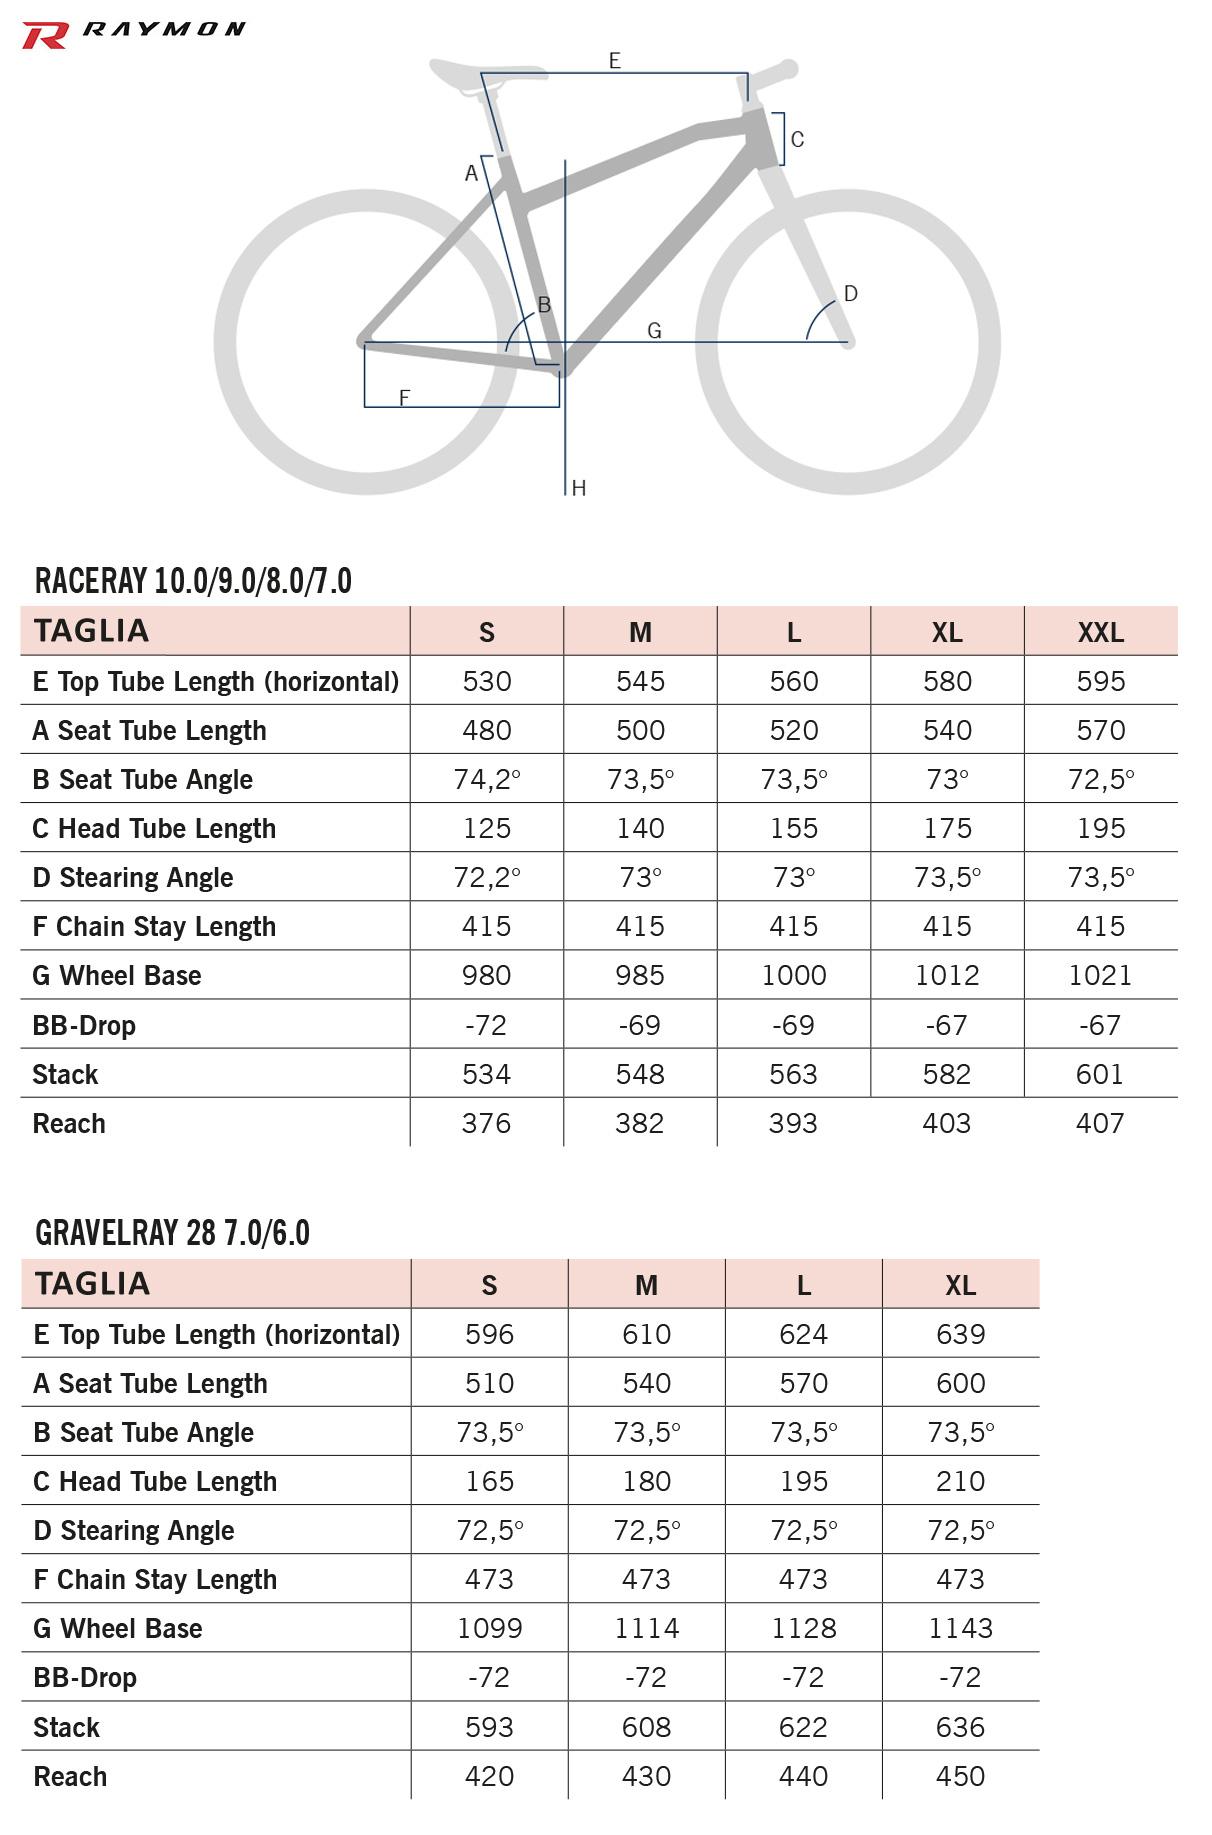 Le tabelle con le misure e le geometrie delle biciclette del catalogo Strada e Gravel 2021 di R Raymon